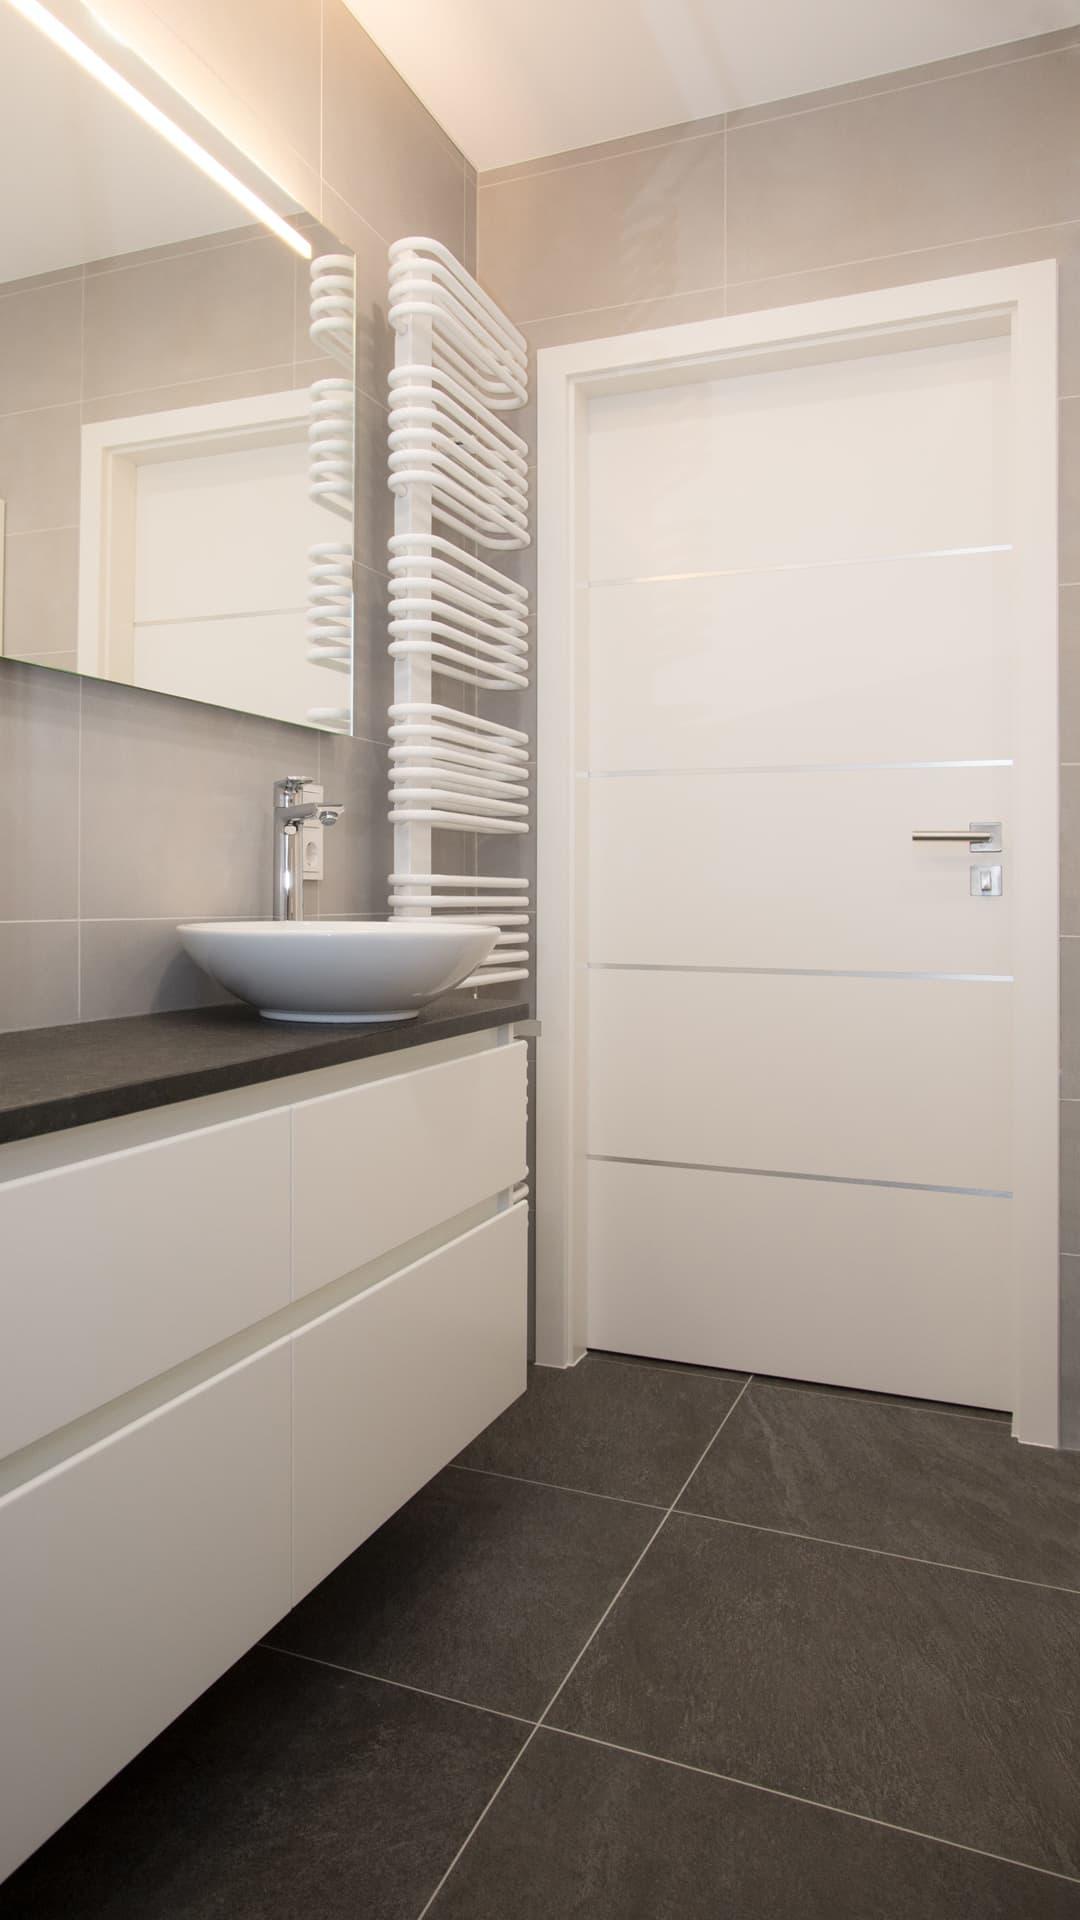 COPLANING S.A. – Kleines Badezimmer modern u. hell renovieren